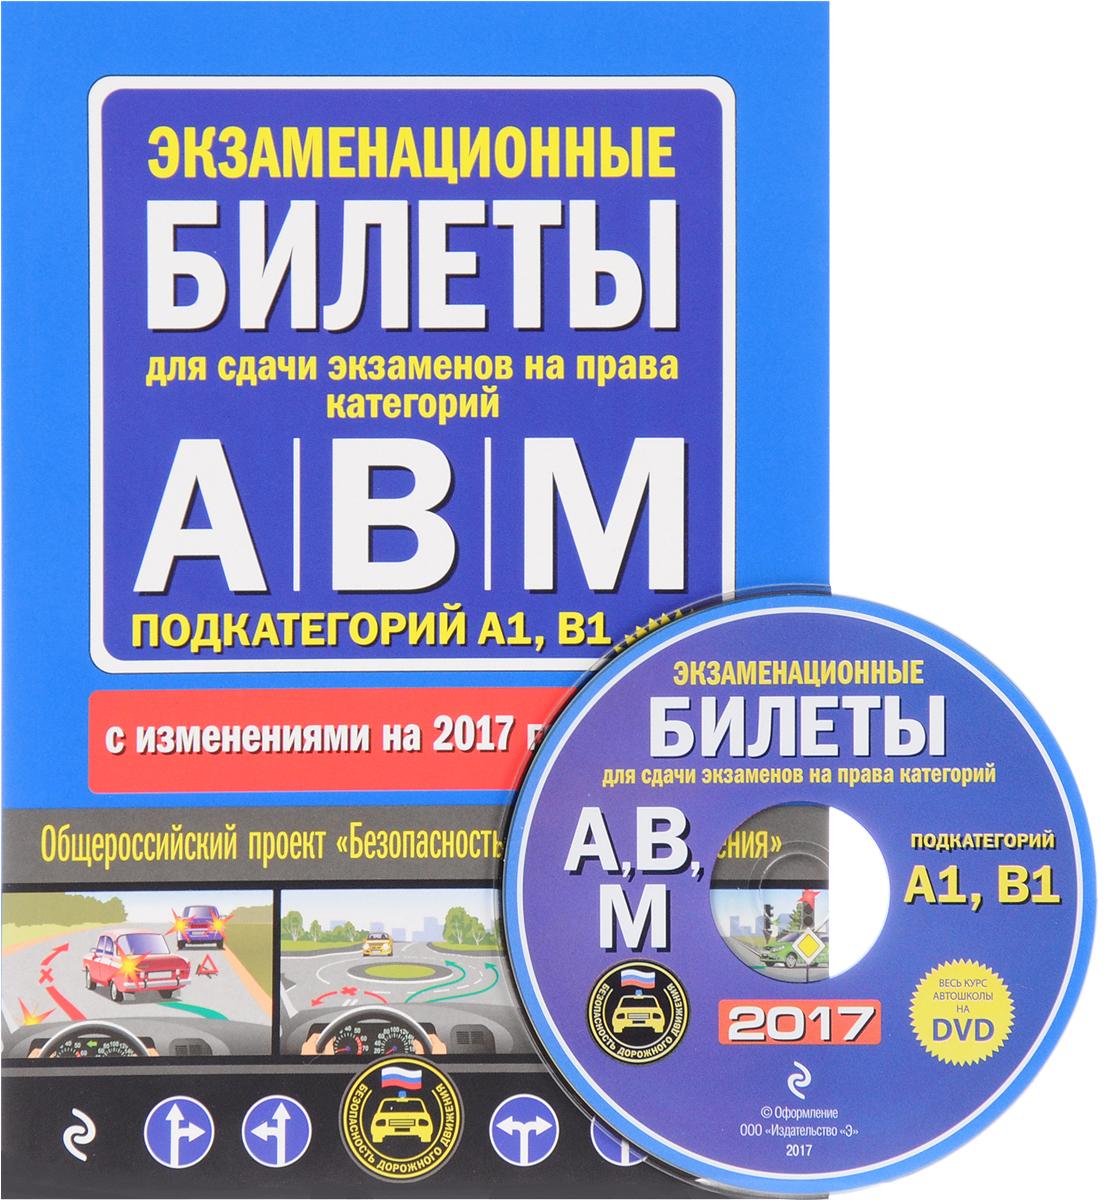 Экзаменационные билеты для сдачи экзаменов на права категорий А, В и M, подкатегорий A1, B1 (+ DVD) билеты для сдачи на права категории авm подкатегории a1 b1 с фотоиллюстрациями и комментариями на 2017 год